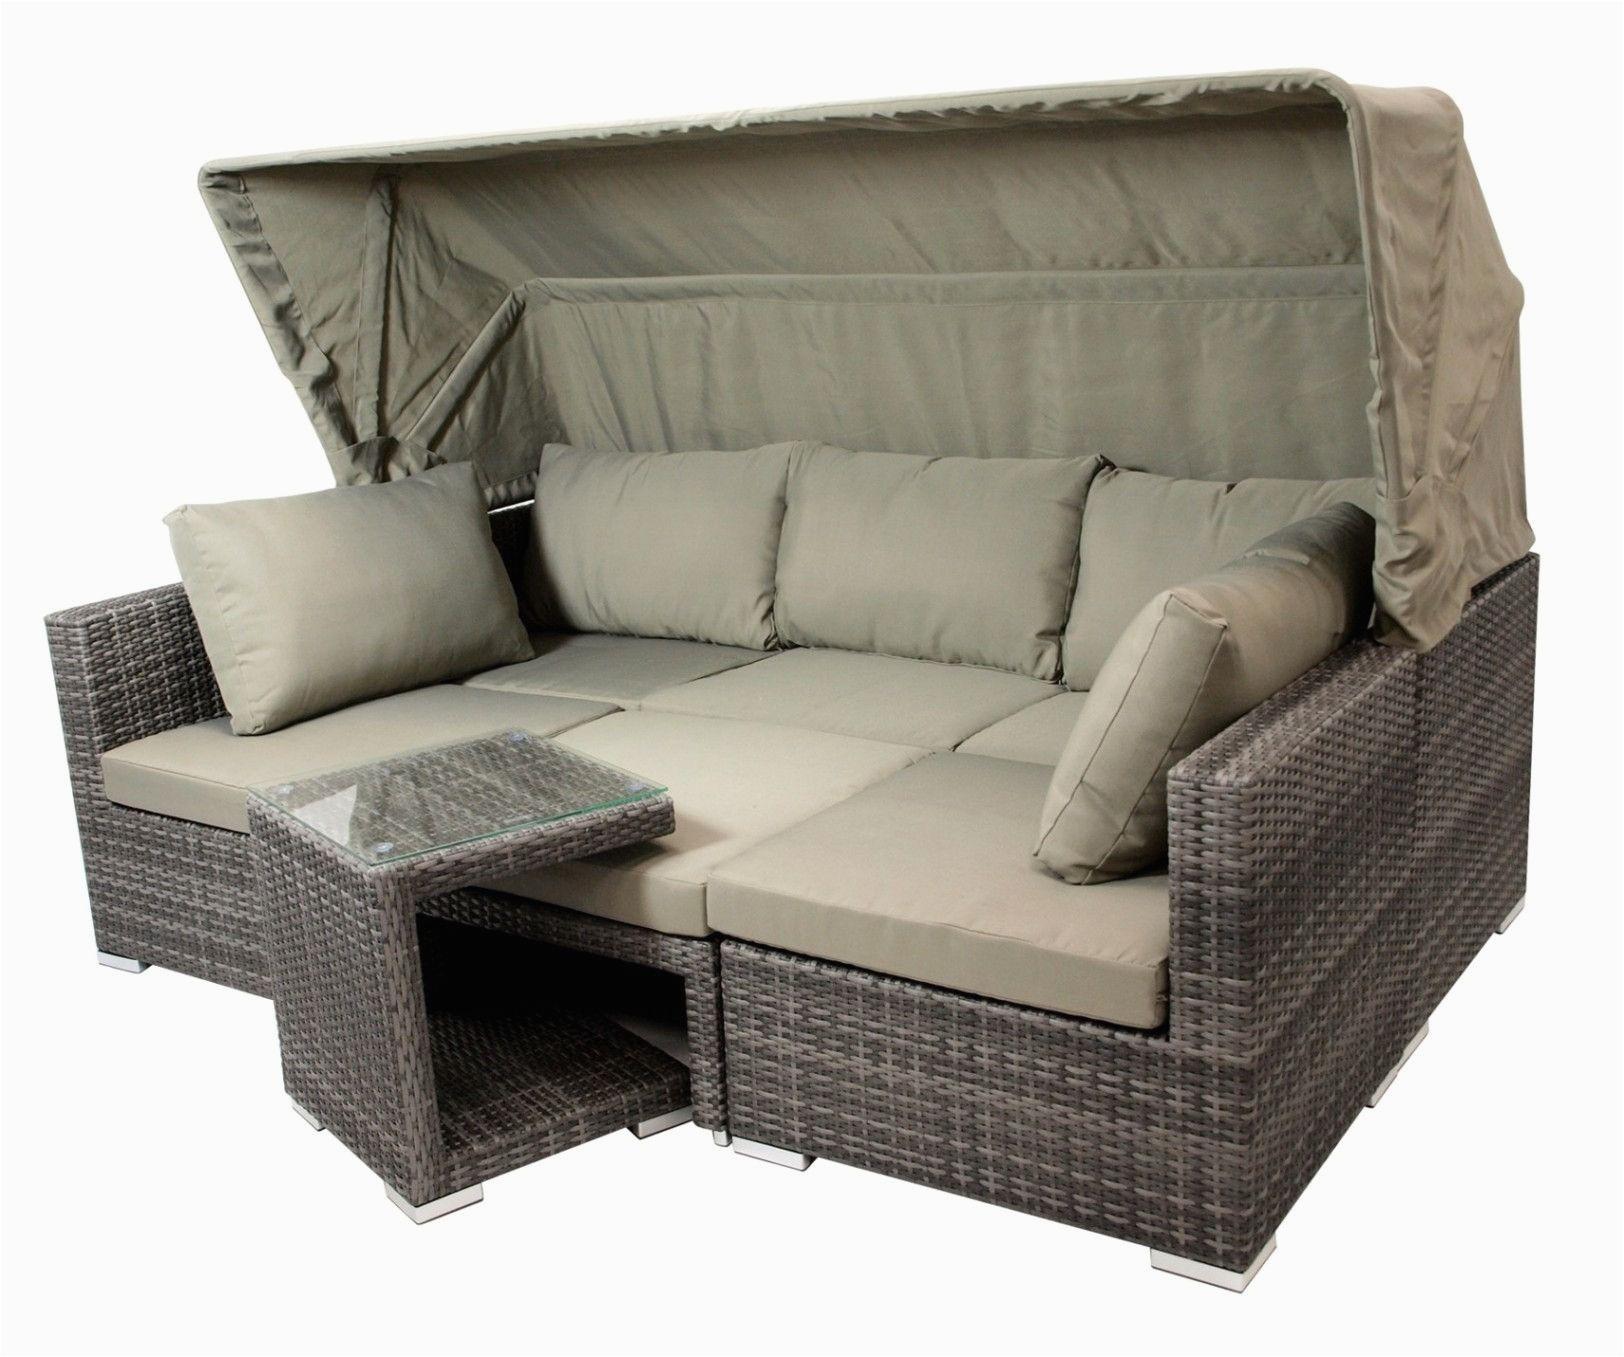 rattan stuhl weiss rattan lounge chairs lovely sofa launge luxury schoen lounge bett 0d frisch